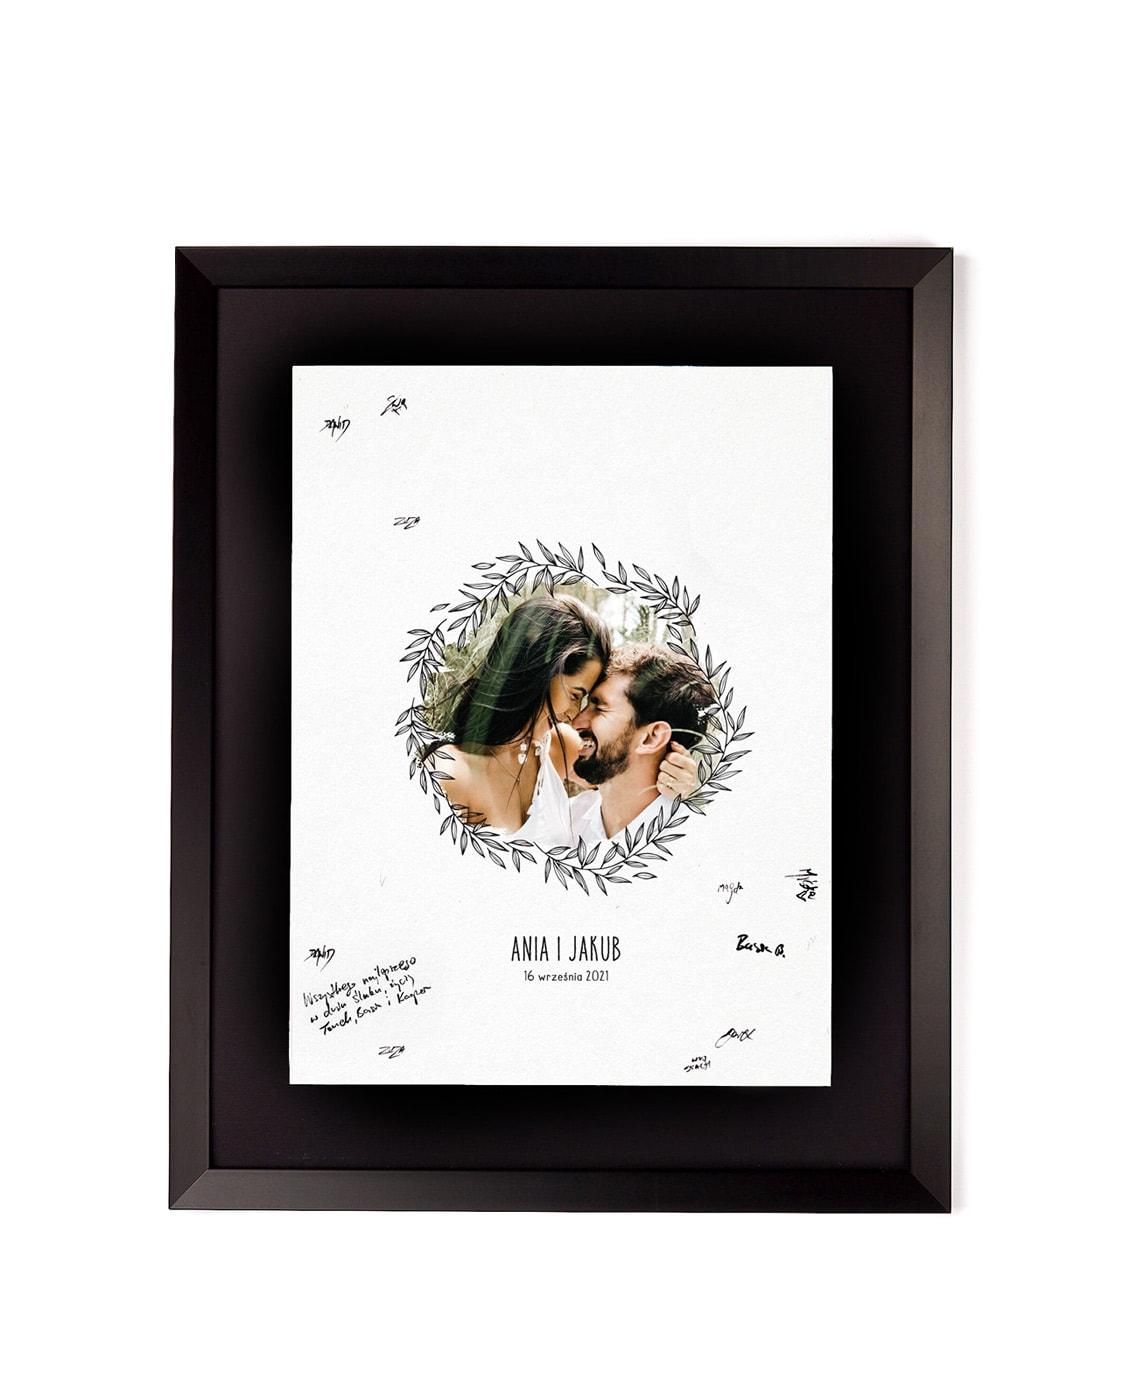 tablica powitalna w ramce, zdjęcie pary młodej, styl boho